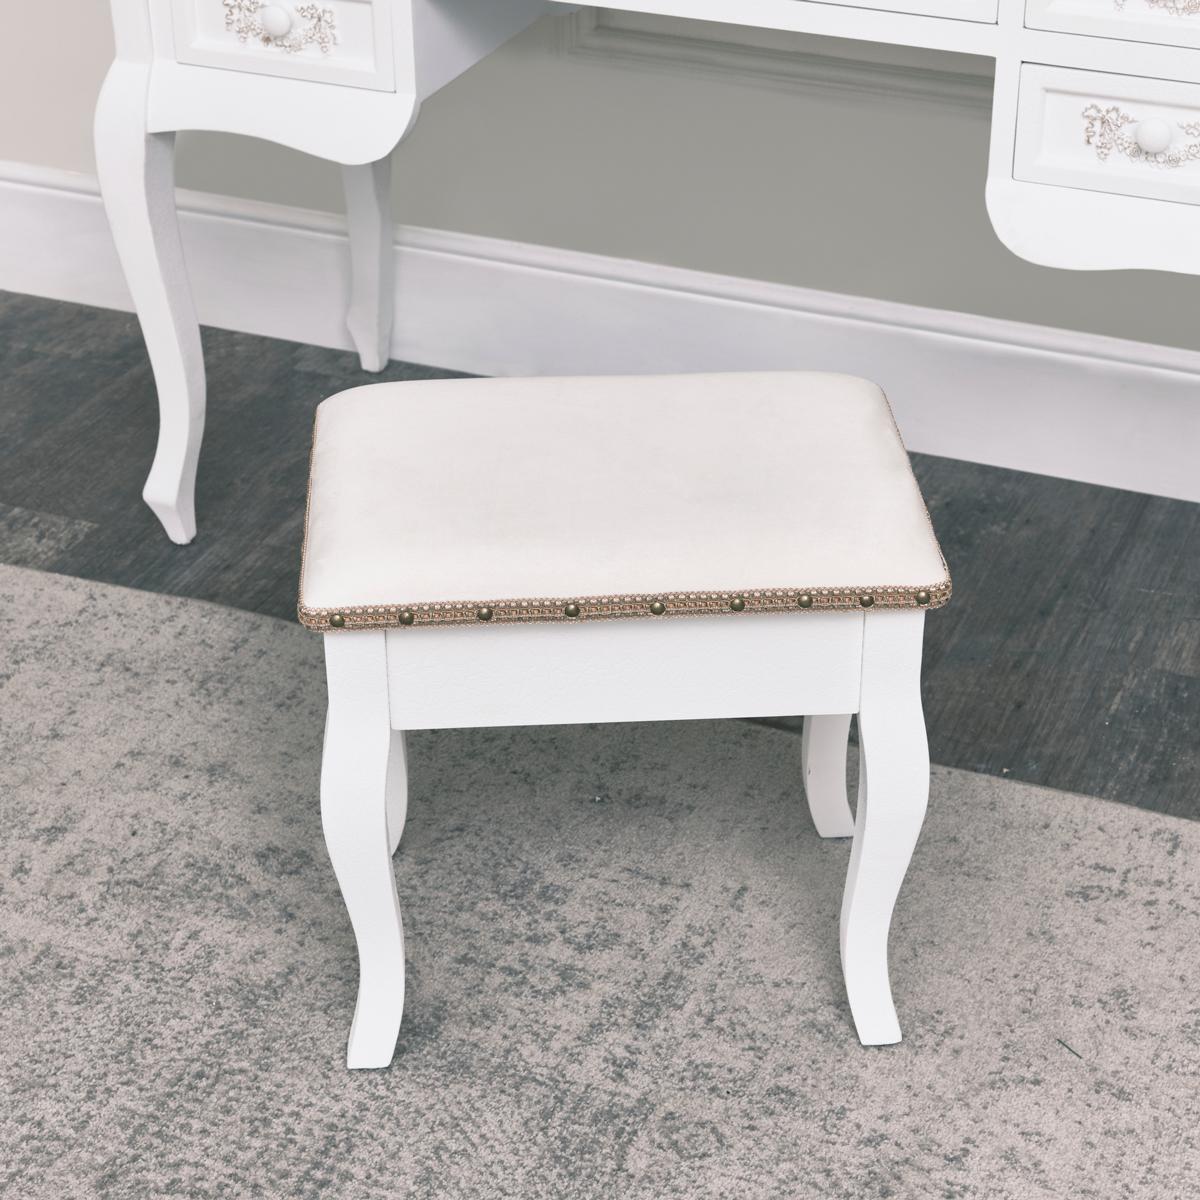 Bianco antico toletta sgabello mobili camera da letto alla francese shabby chic ebay - Toletta da camera ...